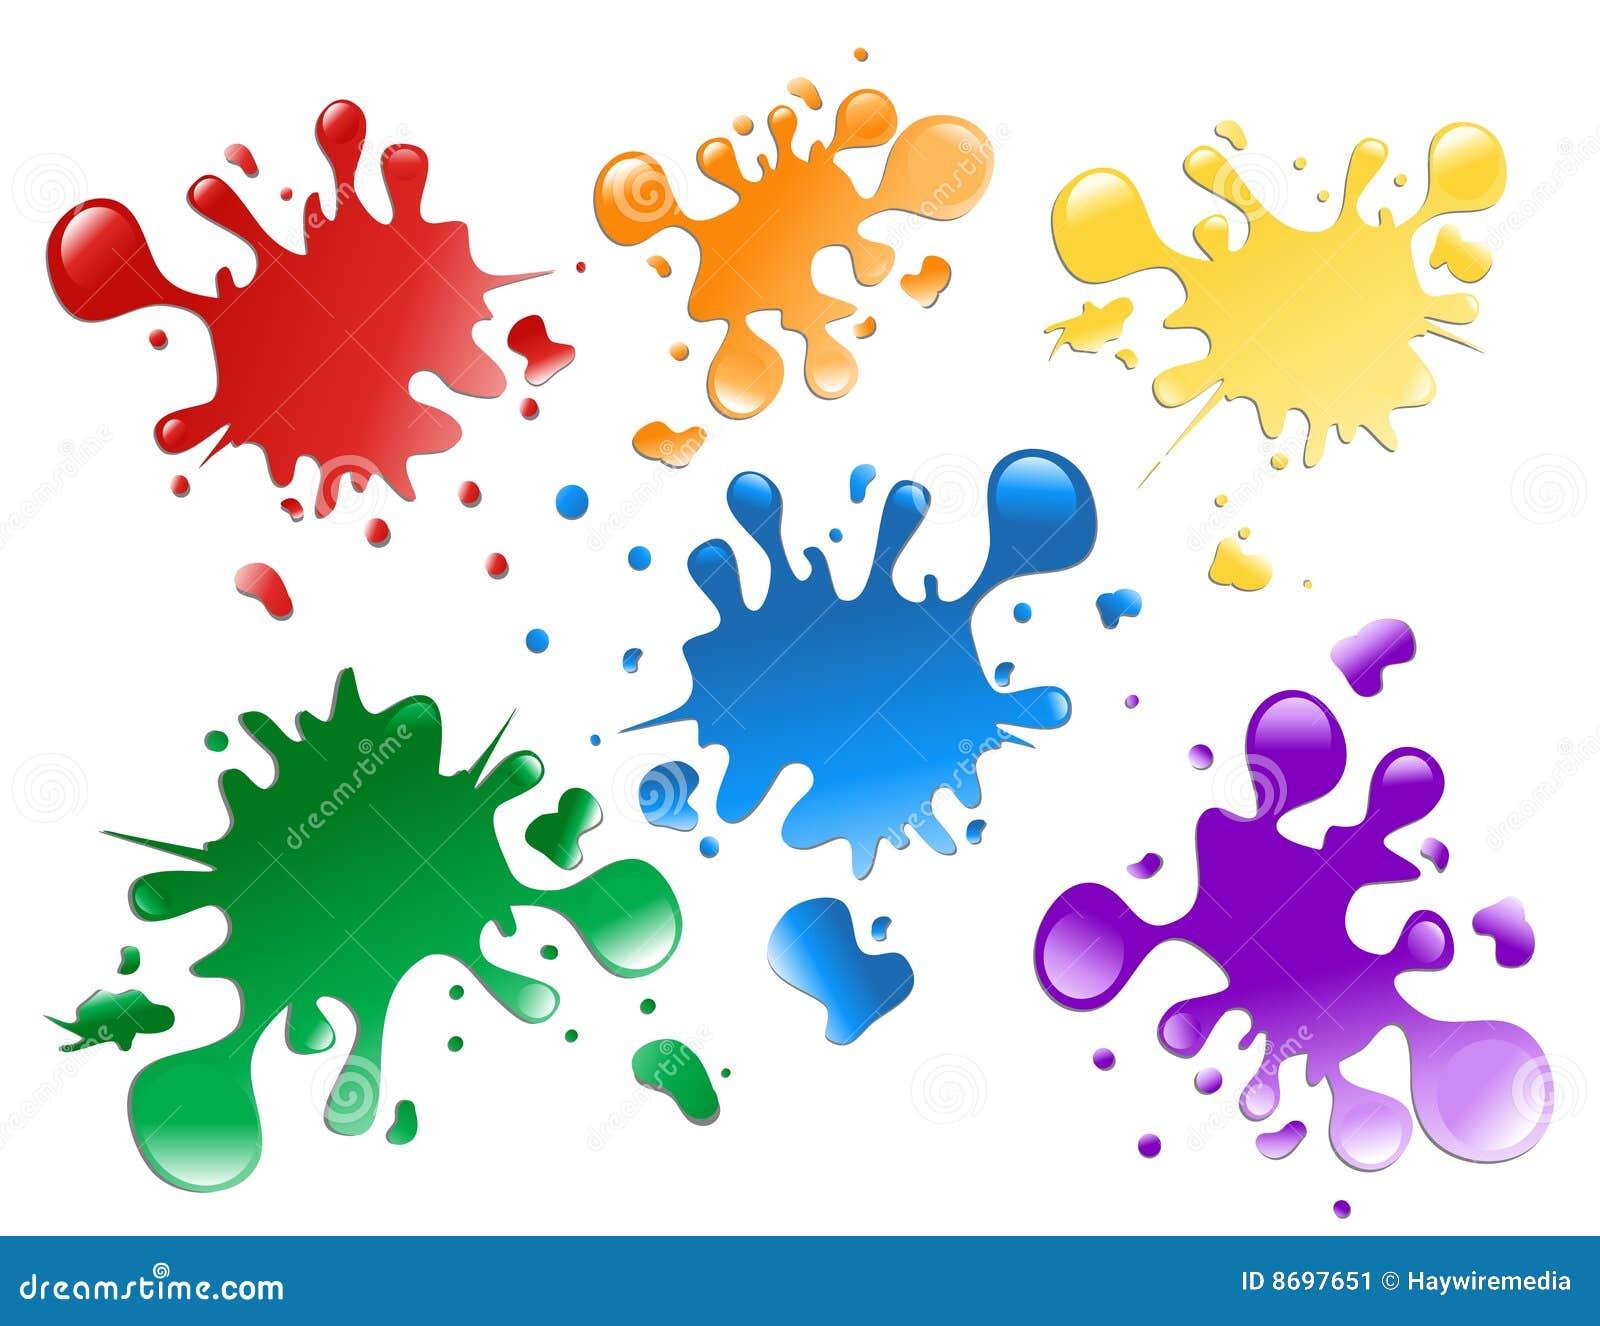 Paint texture paints background download photo green paint texture - Colorful Paint Splatters Stock Image Image 8697651